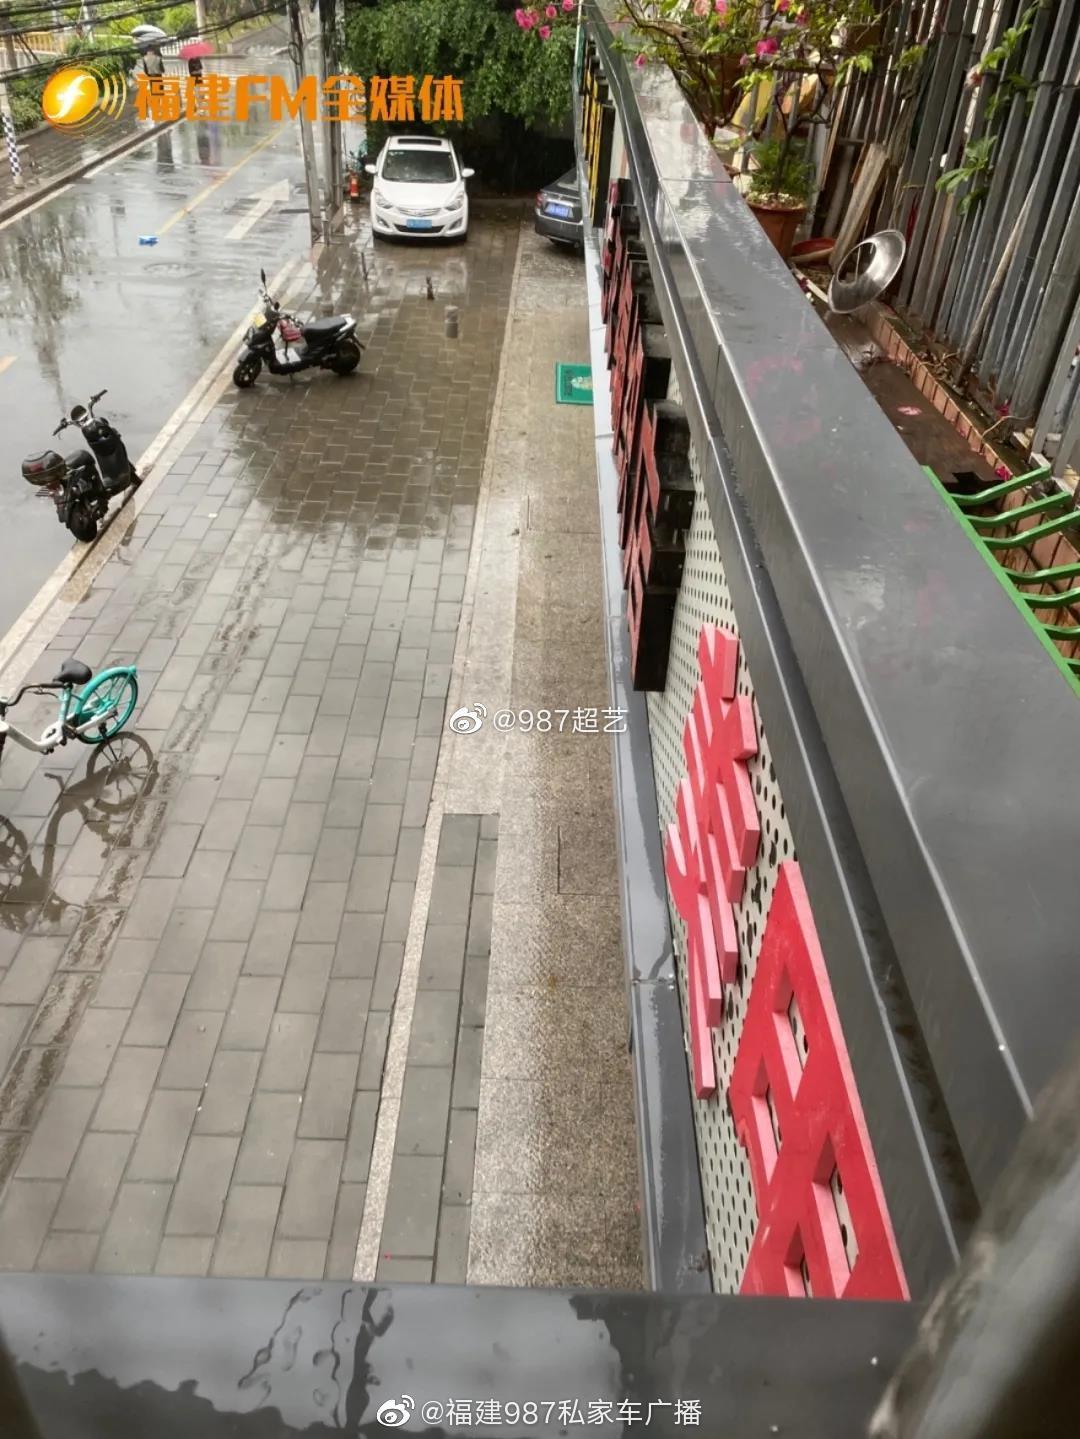 福州一店面招牌上面积水下面漏水 引发居民投诉